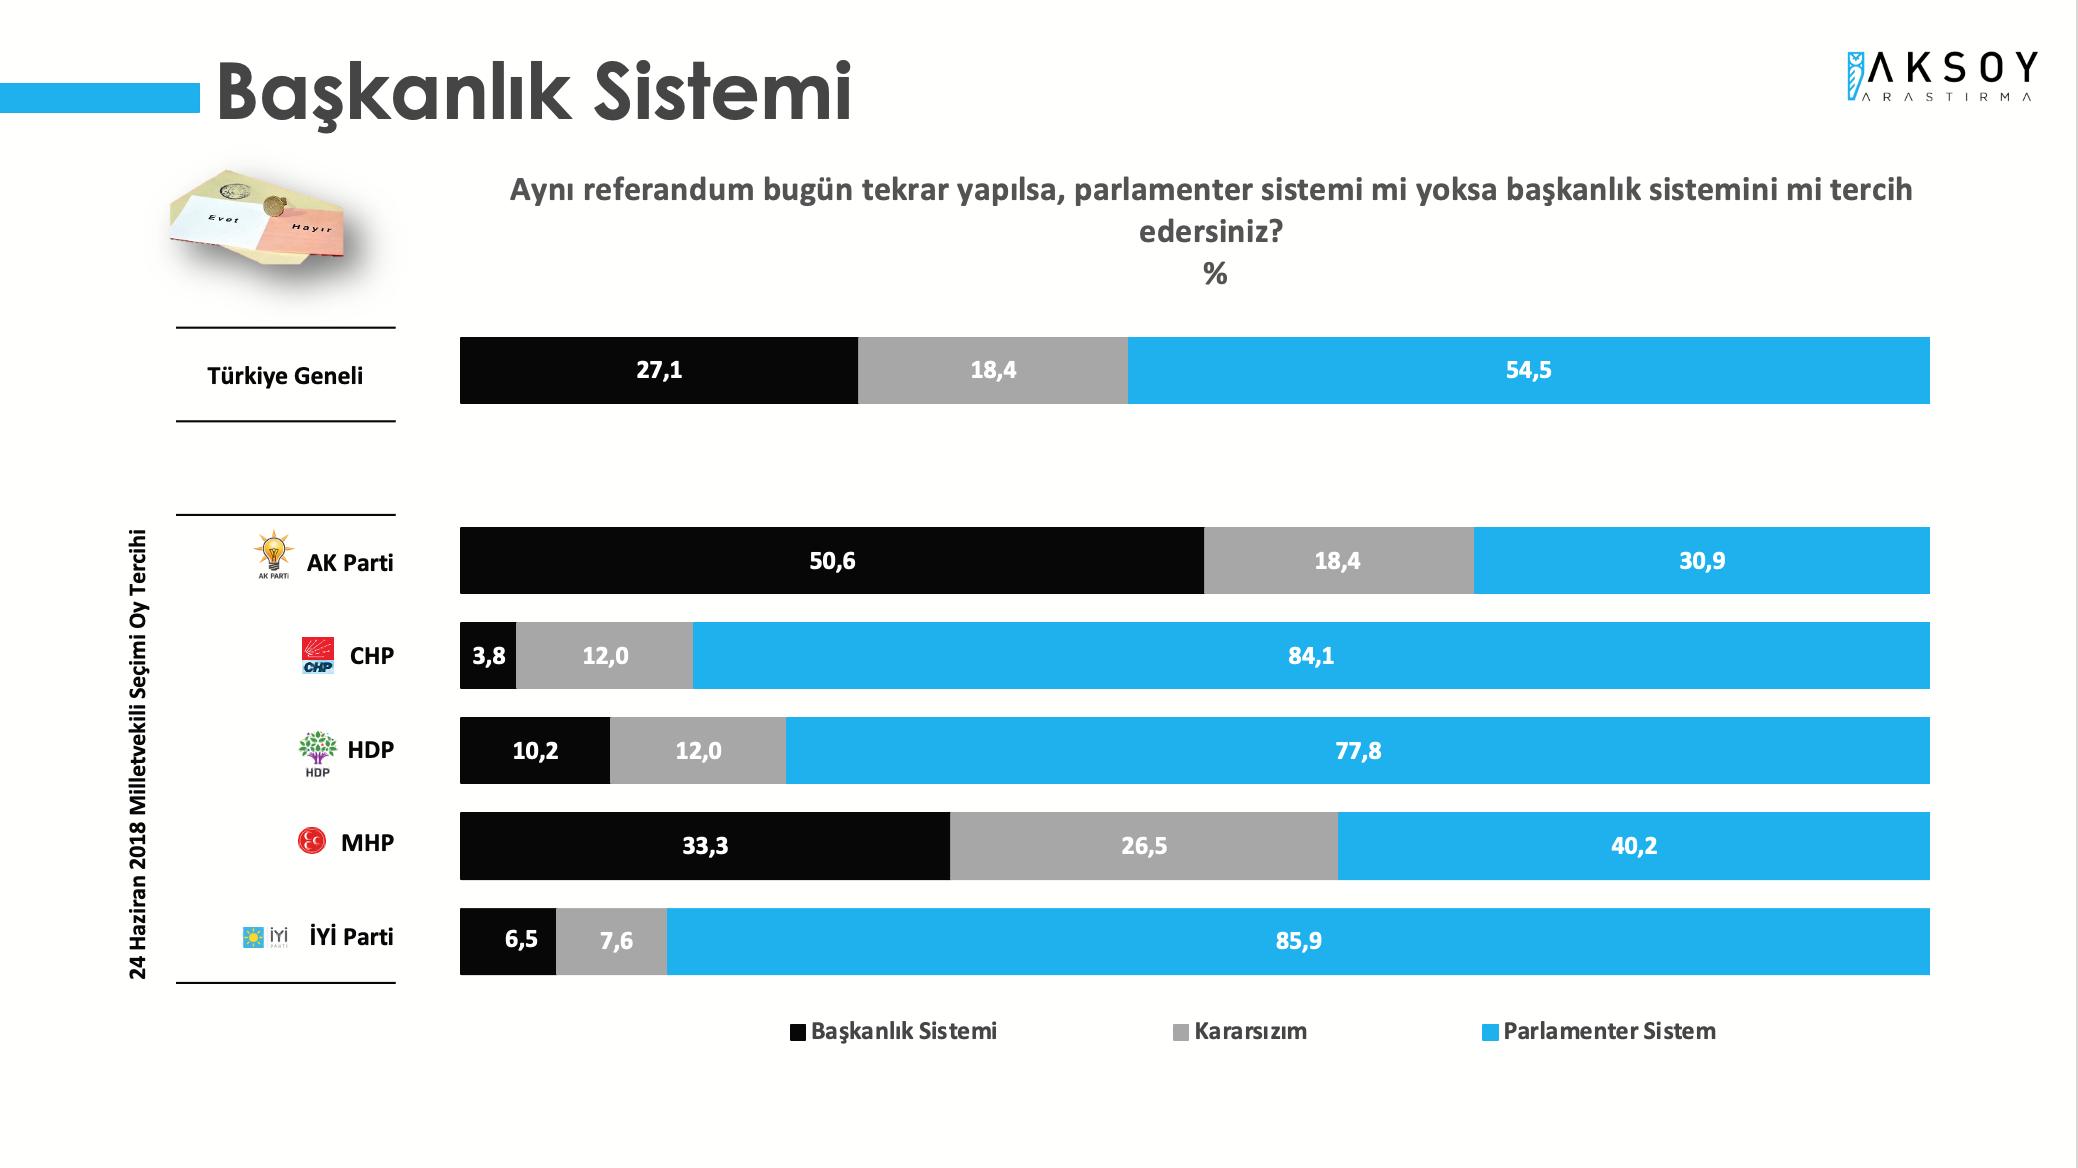 <p><strong>SEÇMEN PARLAMENTER SİSTEME DÖNMEK İSTİYOR</strong></p><p>Türkiye Monitörü Mayıs 2021 araştırmasında, katılımcılara aynı referandum bugün tekrar yapılsa, parlamenter sistemi mi yoksa başkanlık sistemini mi tercih edersiniz? sorusu soruldu. Katılımcıların yüzde 54,5'i parlamenter sistemini tercih ettiğini belirtirken, yüzde 27,1'i başkanlık sistemini tercih edeceğim yanıtını verdi. Katılımcıların yüzde 18,4'ü ise kararsızım seçeneğini işaretledi.</p><p>Araştırmada, sadece AKP seçmeninin yüzde 50'sinden fazlası başkanlık sisteminde kalmak istediğini belirtmesi dikkat çeken bir unsur oldu. AKP seçmeninin %50,6'sı Başkanlık Sistemini tercih ederken bu oran Cumhur İttifakı'nın bir diğer unsuru olan MHP'de yüzde 33,3'e geriliyor.</p>